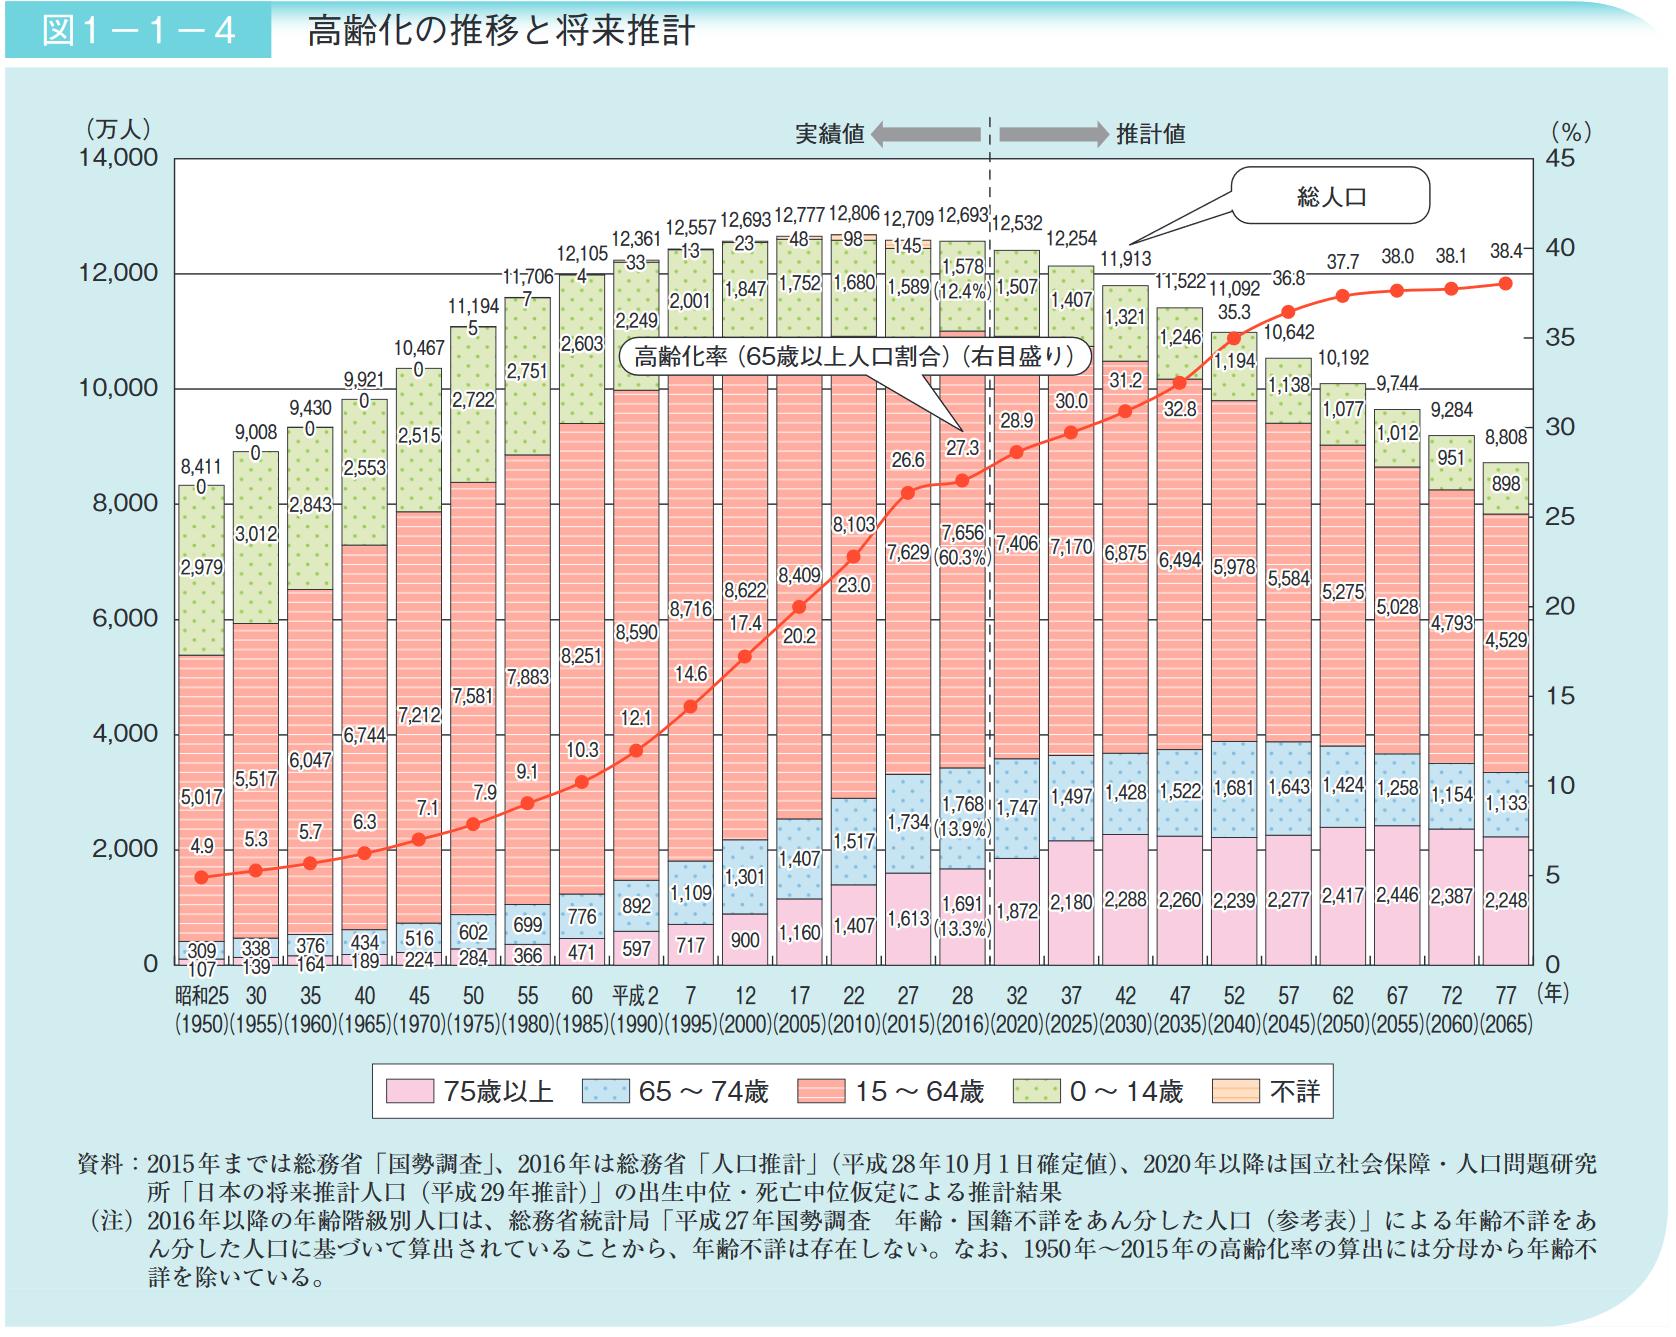 日本の高齢化率の予測